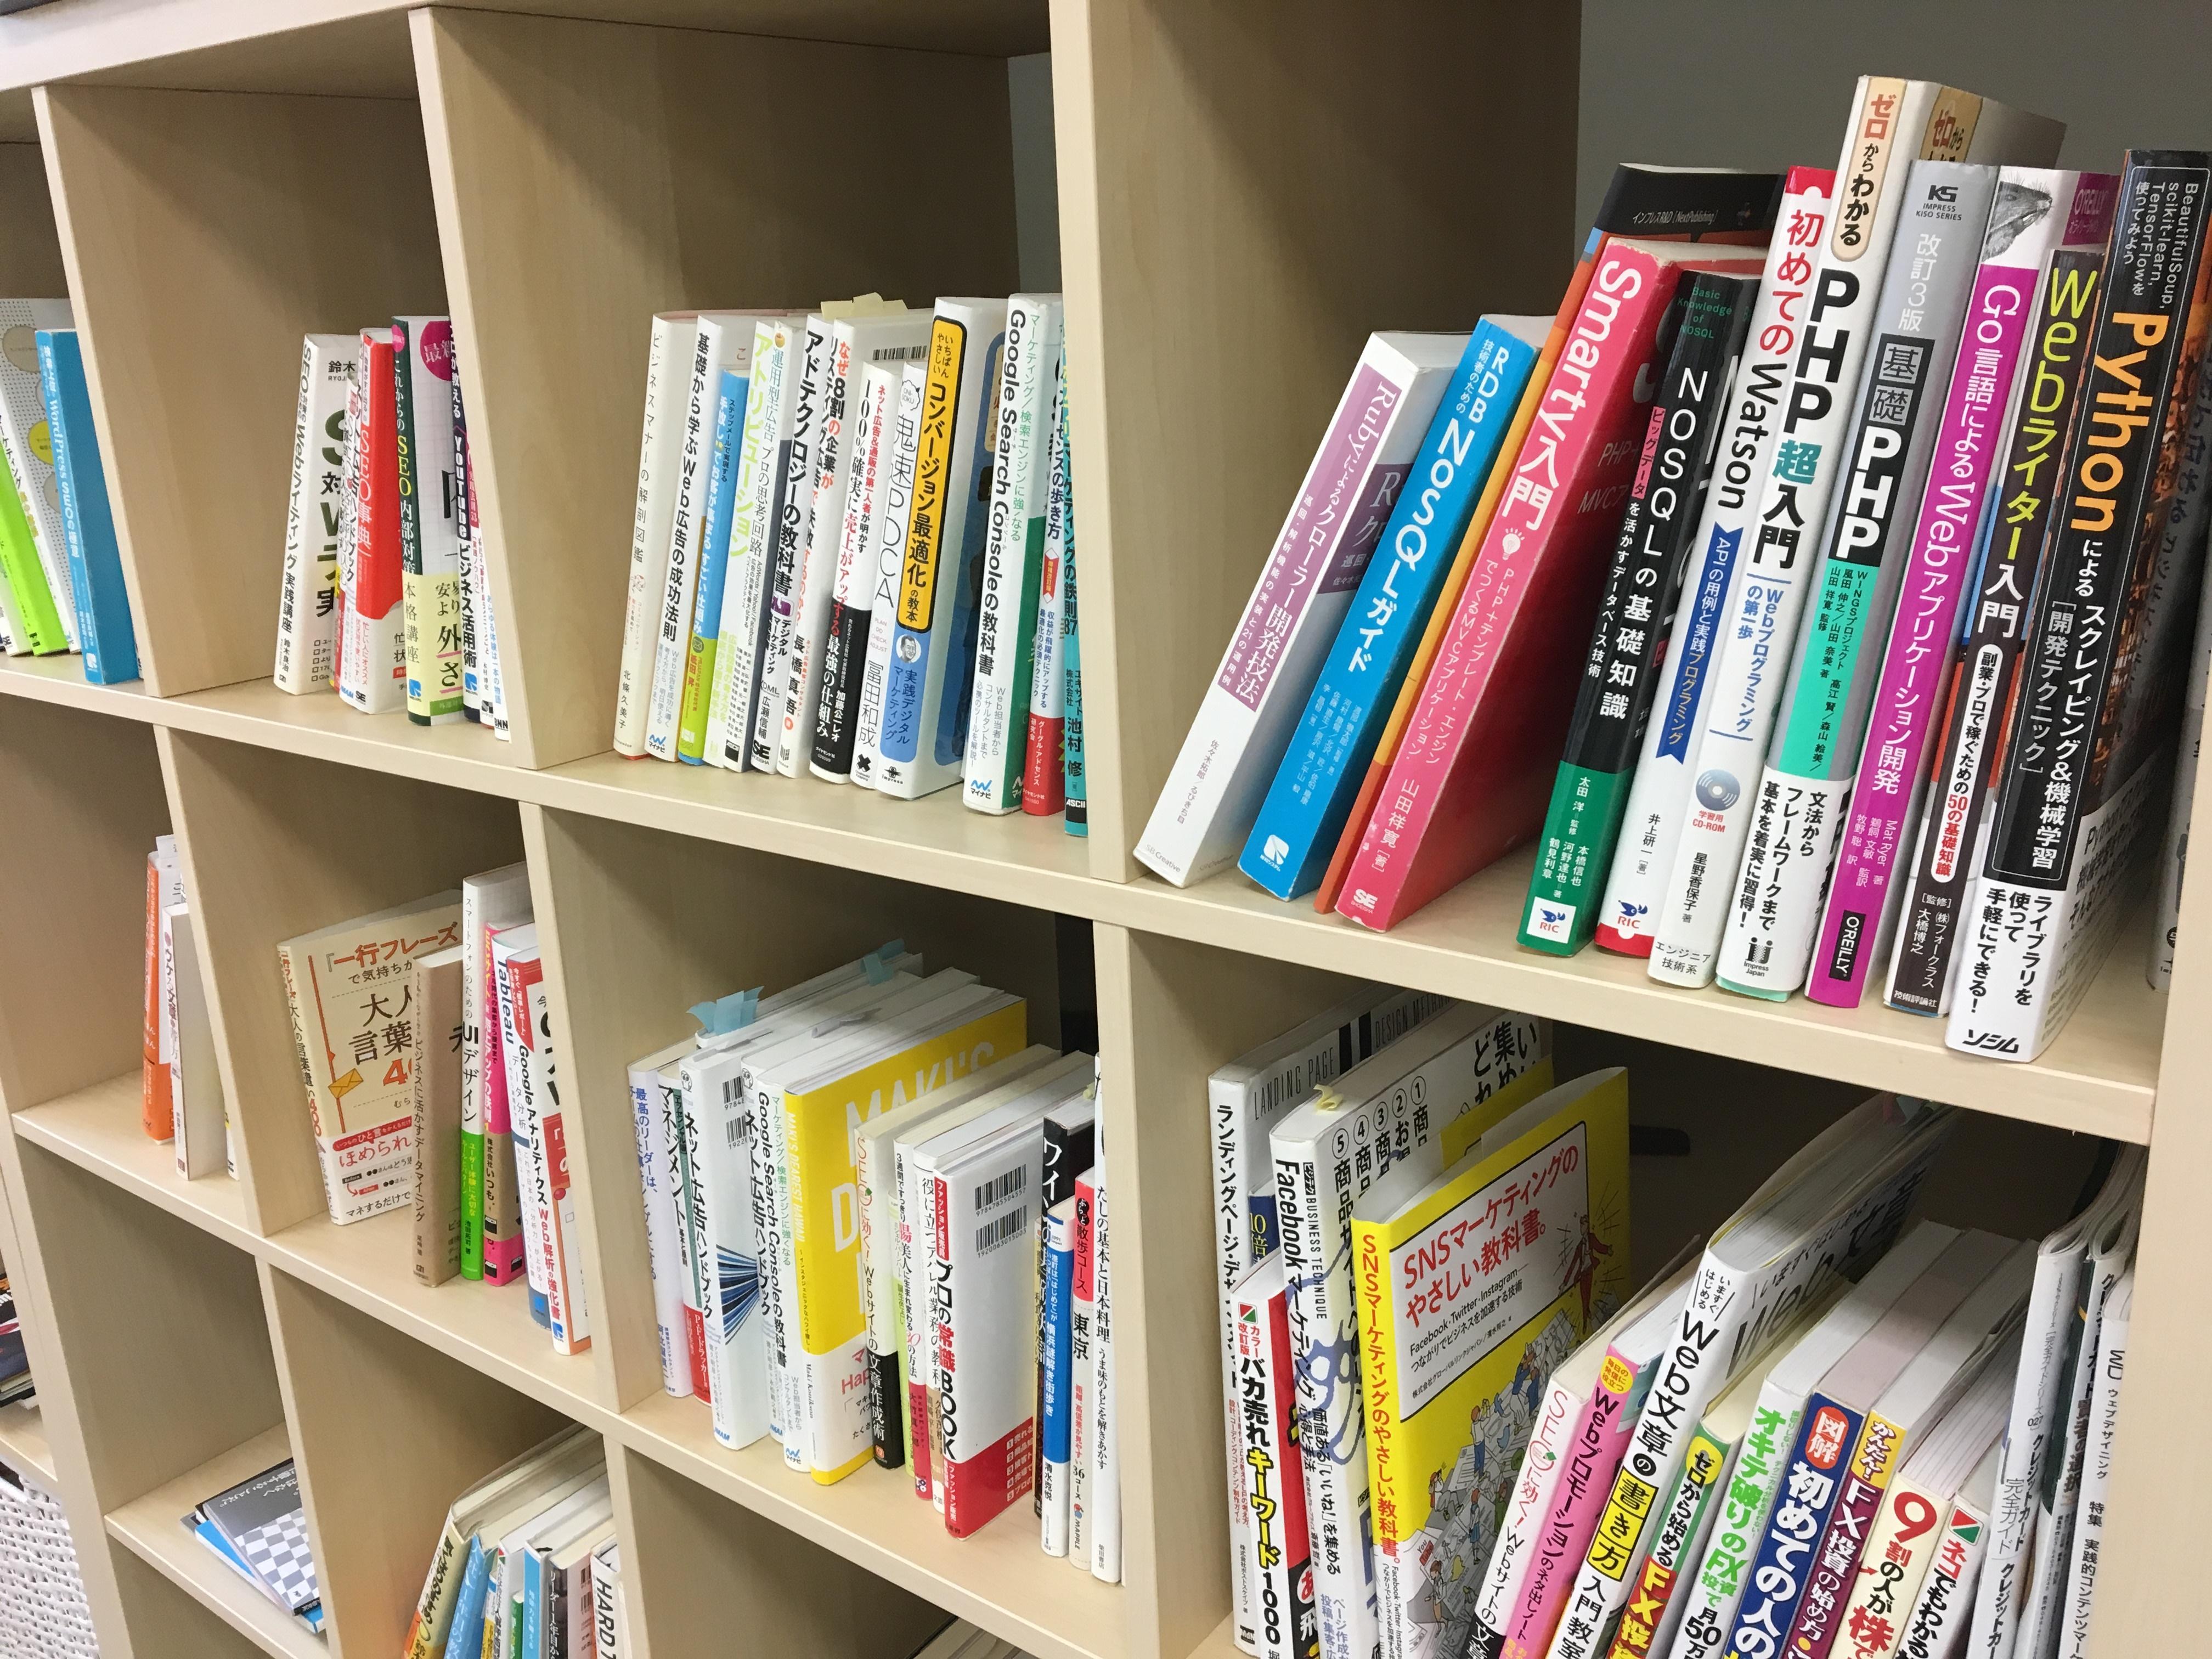 専門書がいっぱい!業務時間外には会社の本で自由に勉強してもOK!